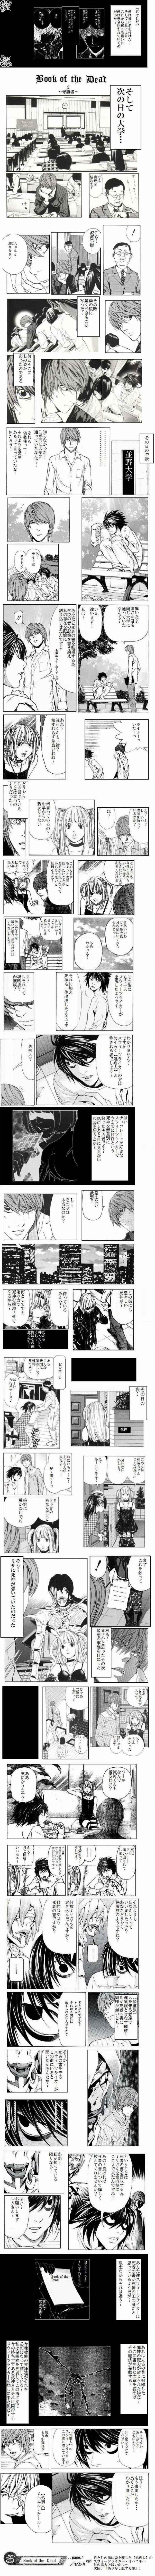 漫画:デスノート -黒眼のL- [おもしろ]3